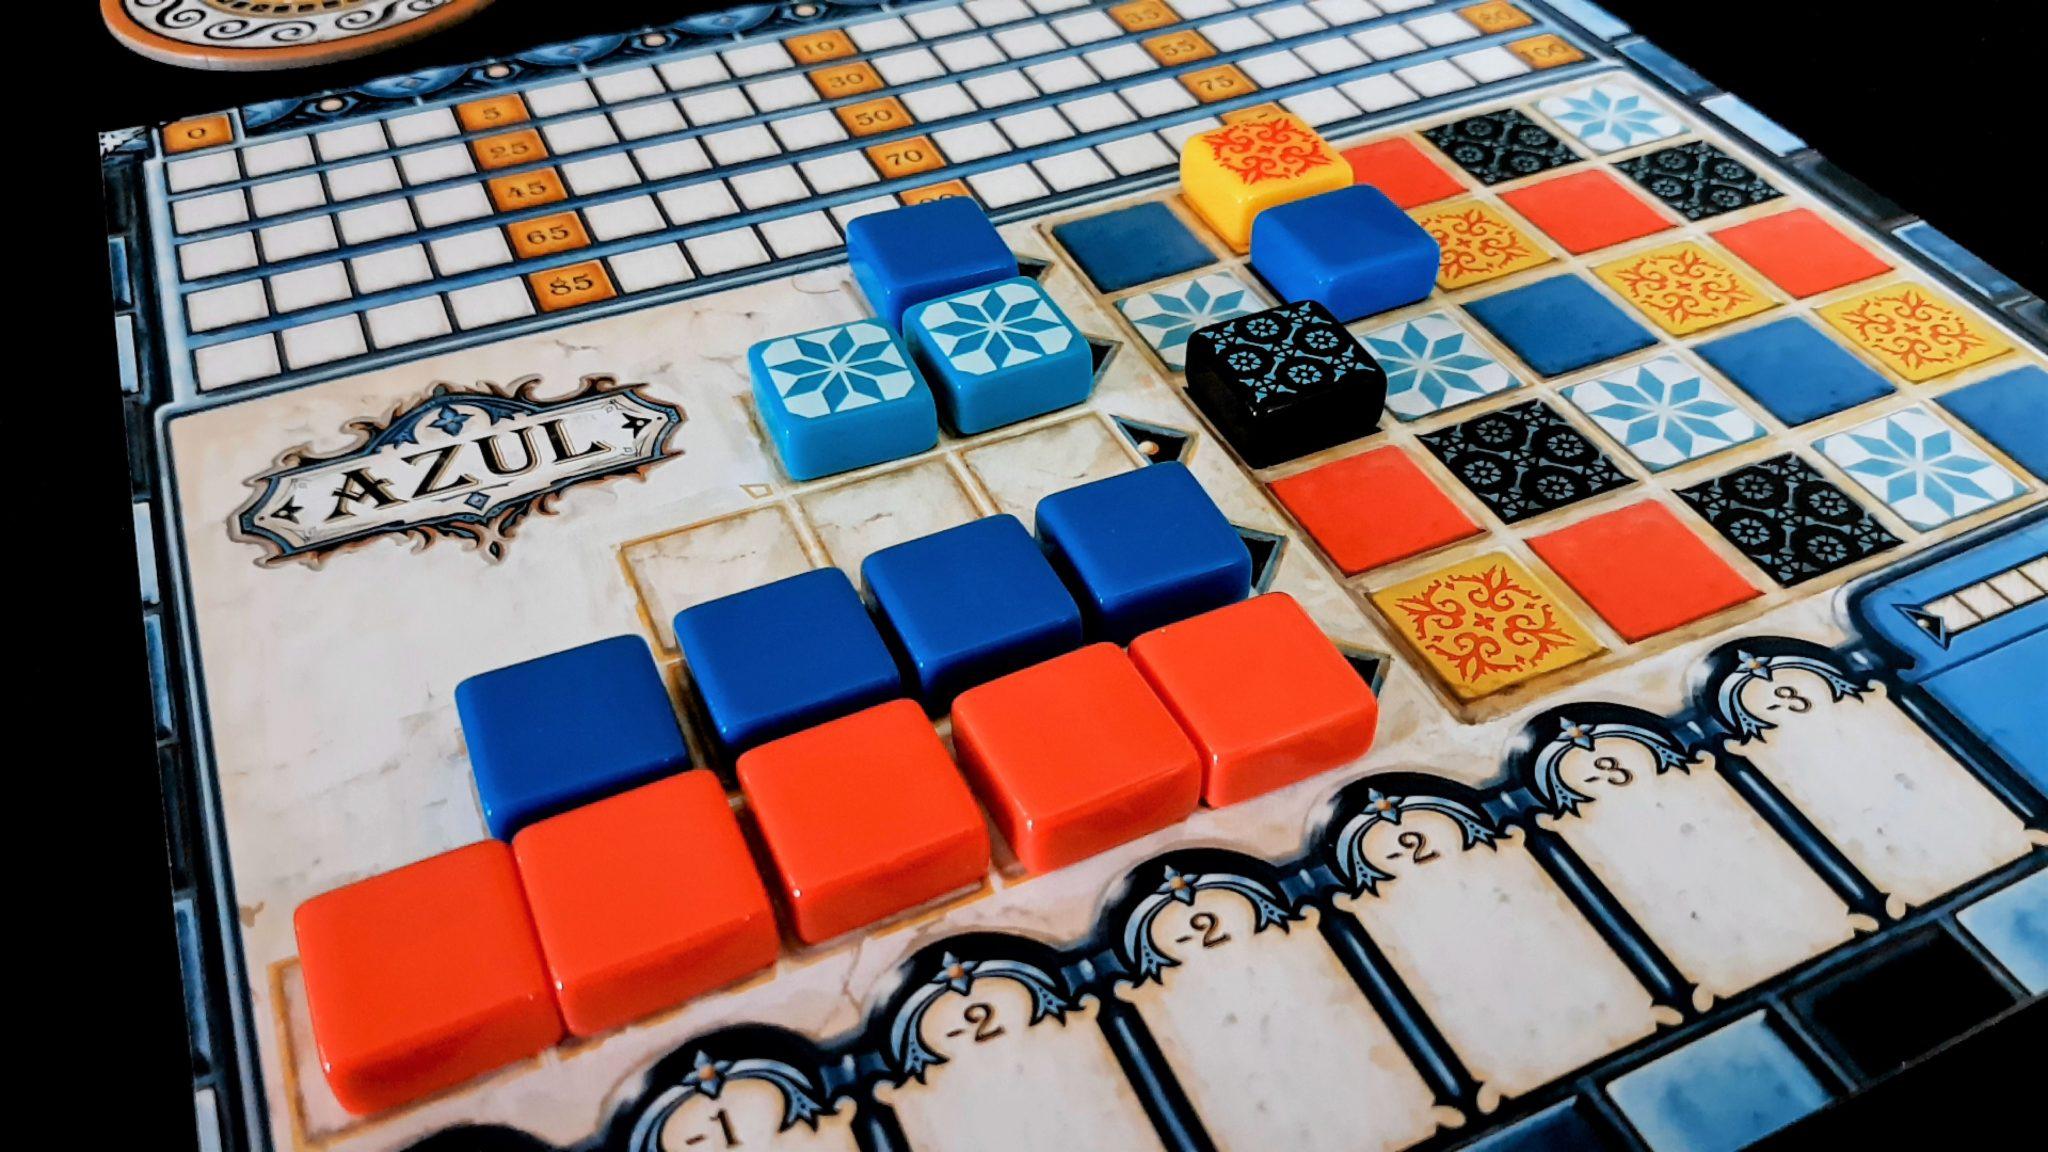 Azul tiles and the wall